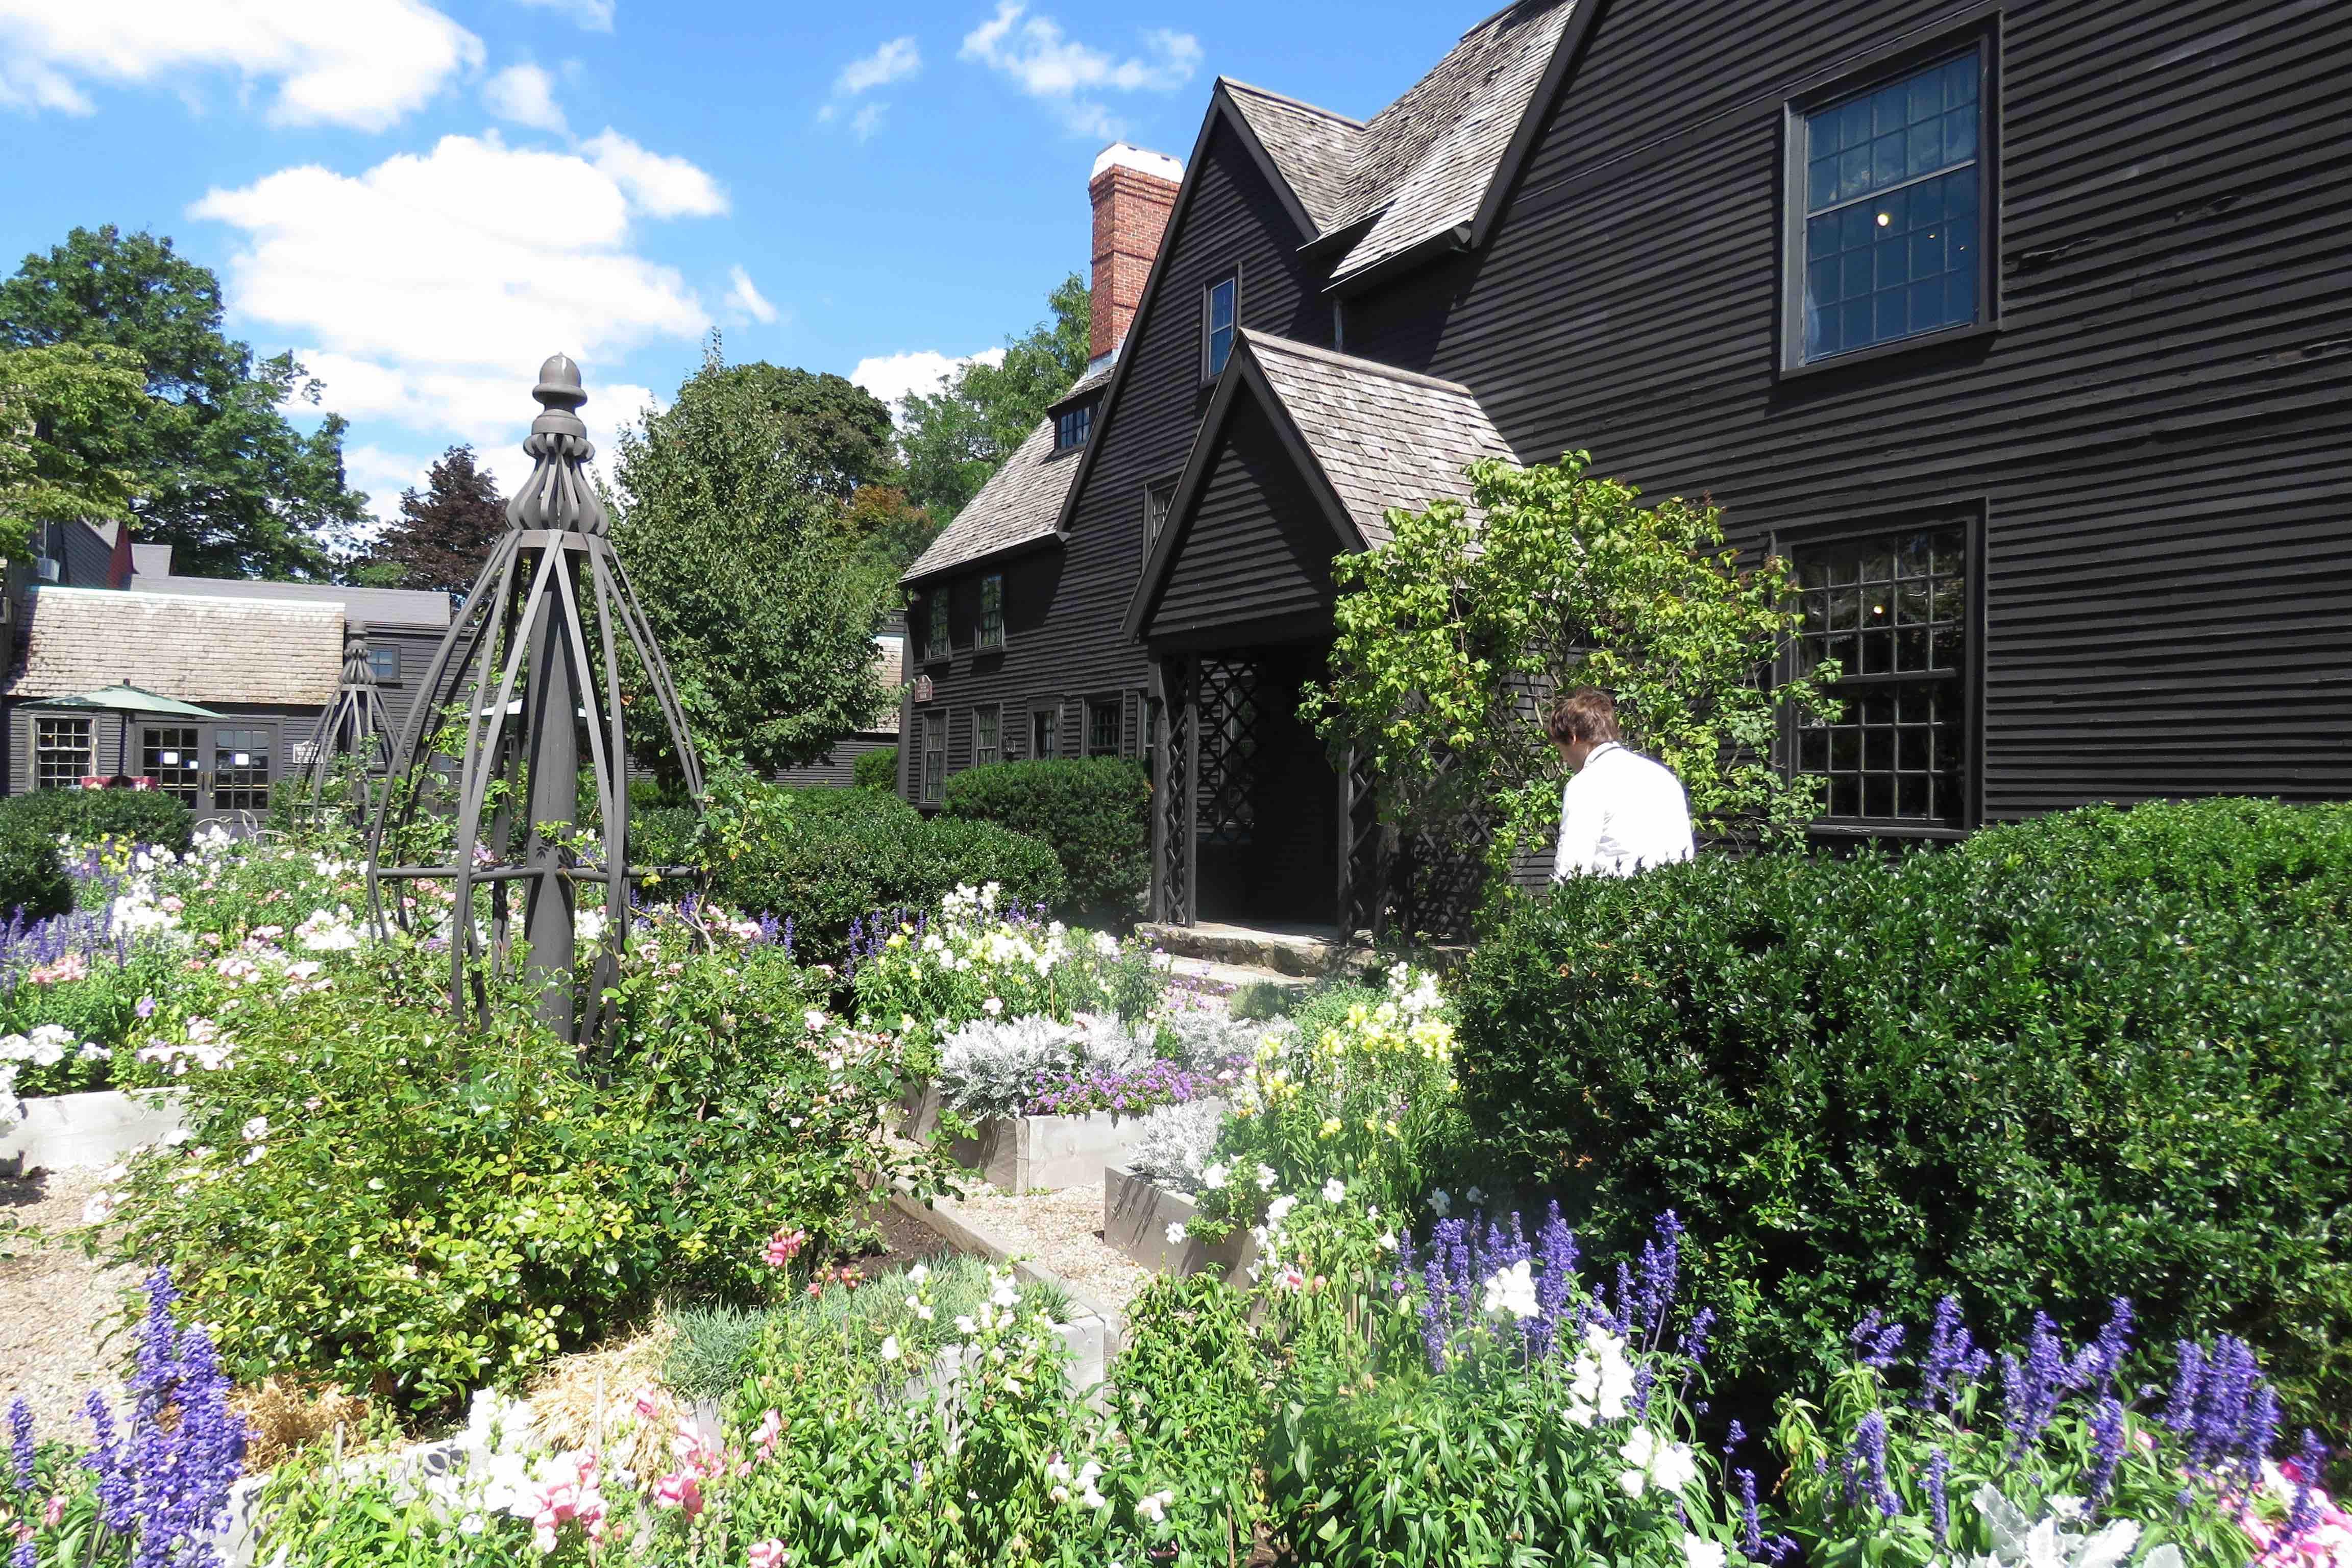 house garden - Houses Garden